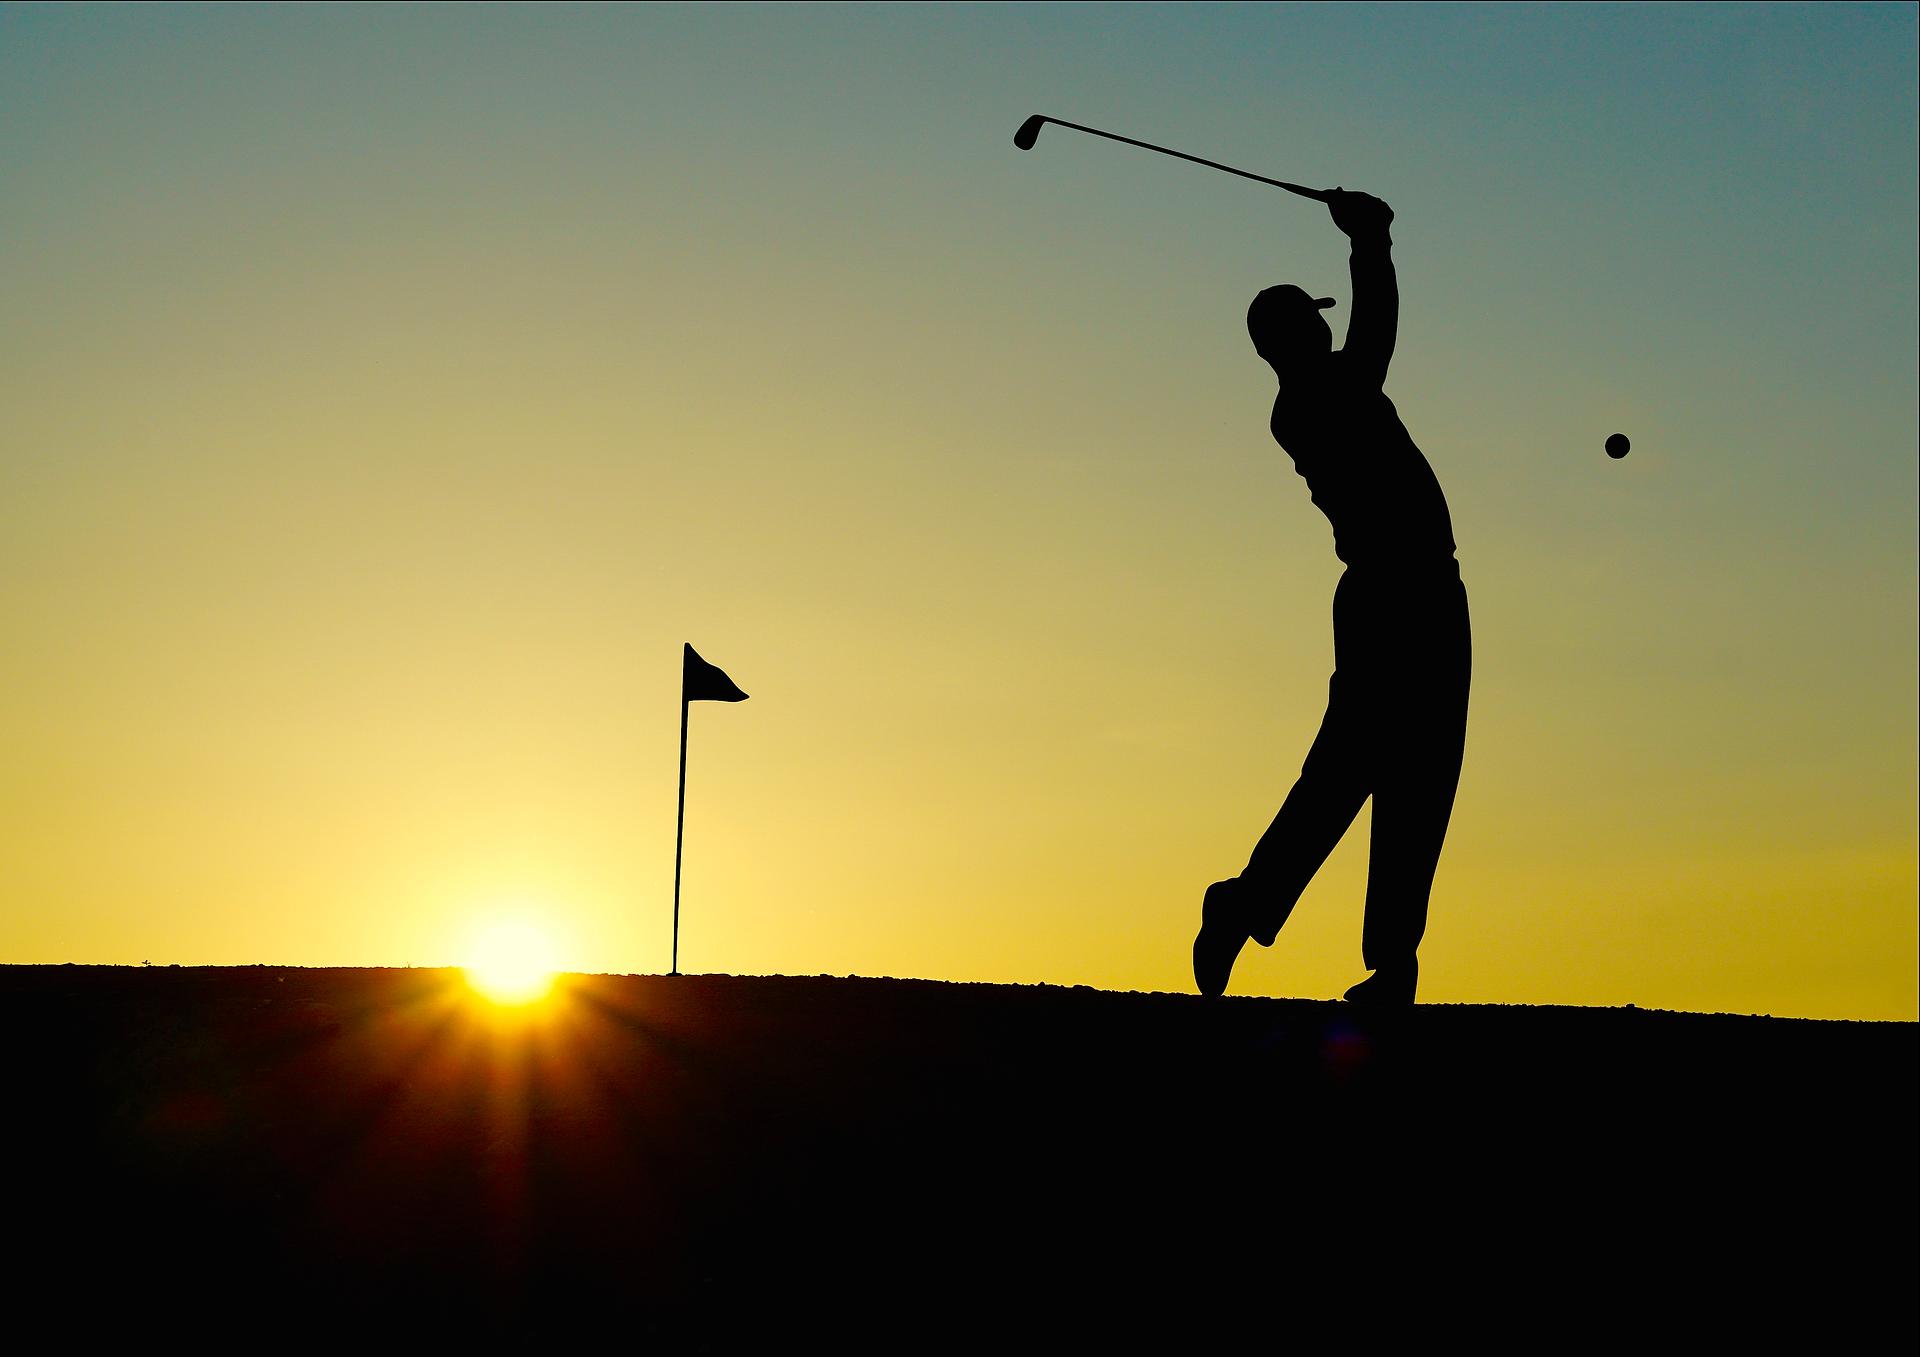 Юлия Рыженкова «Четвёртое правило гольфа»